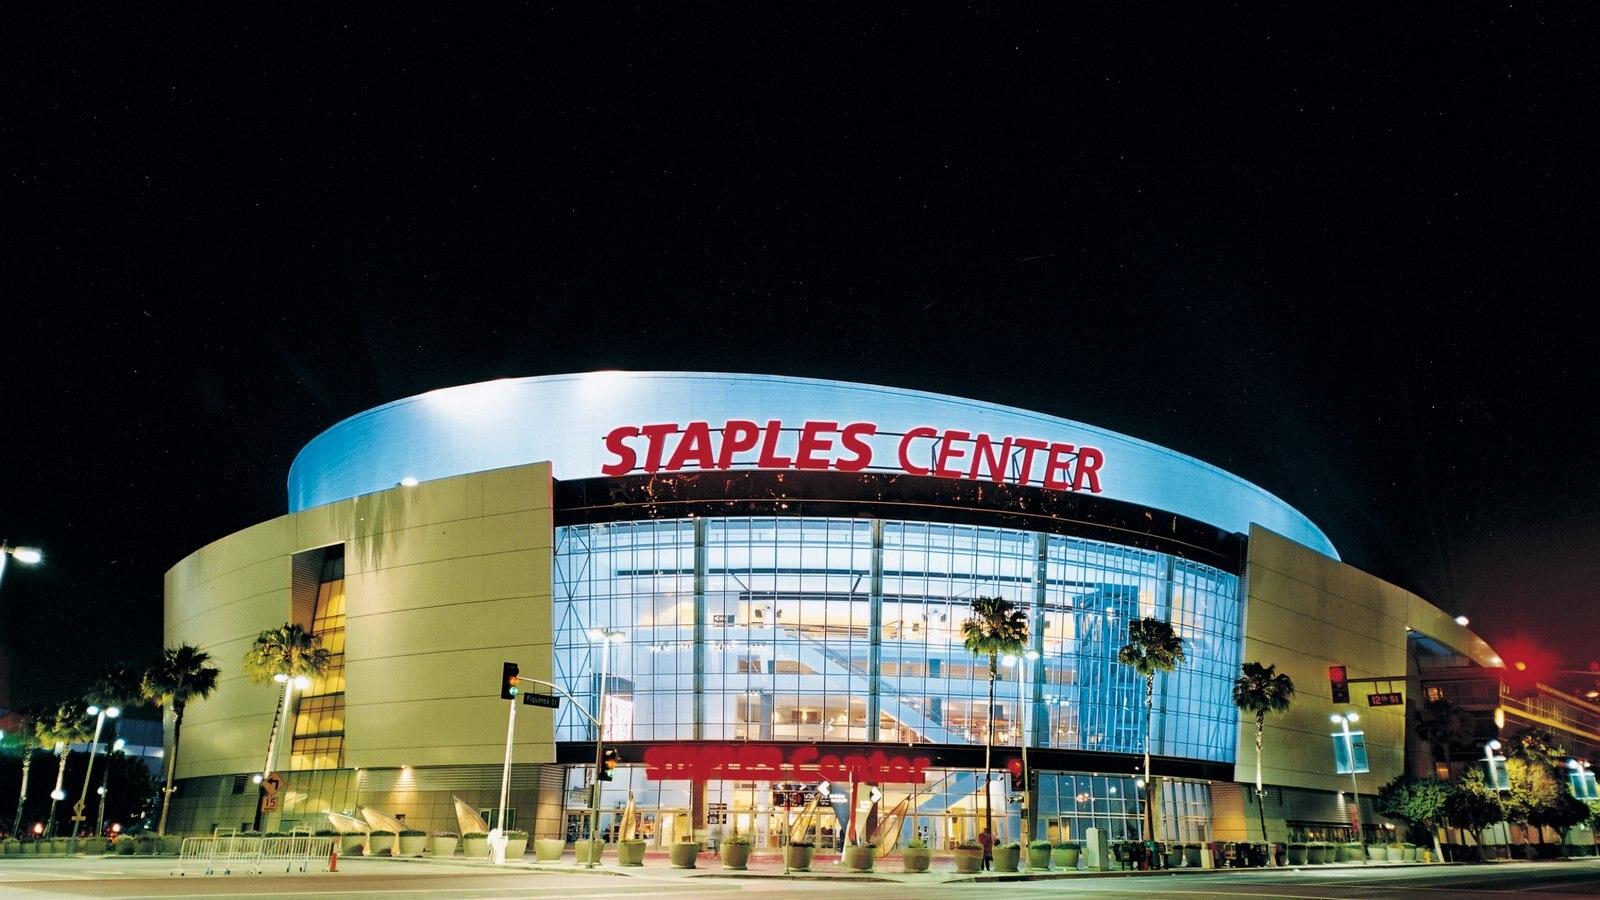 Centro de Los Ángeles mostrando señalización, una ciudad y arquitectura moderna